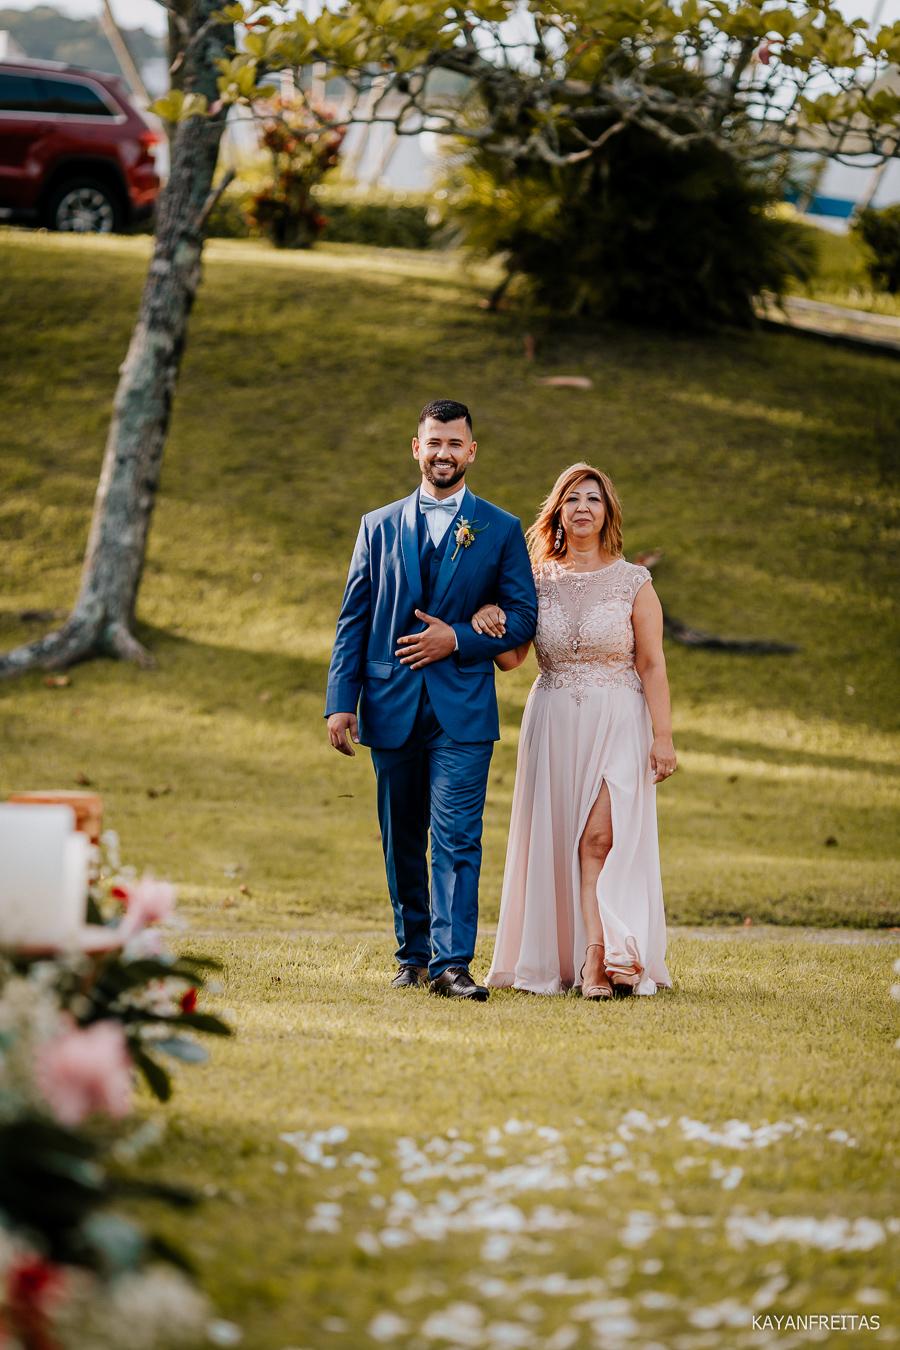 casamentodedia-lic-floripa-0053 Casamento de dia em Florianópolis - Pri e Guto